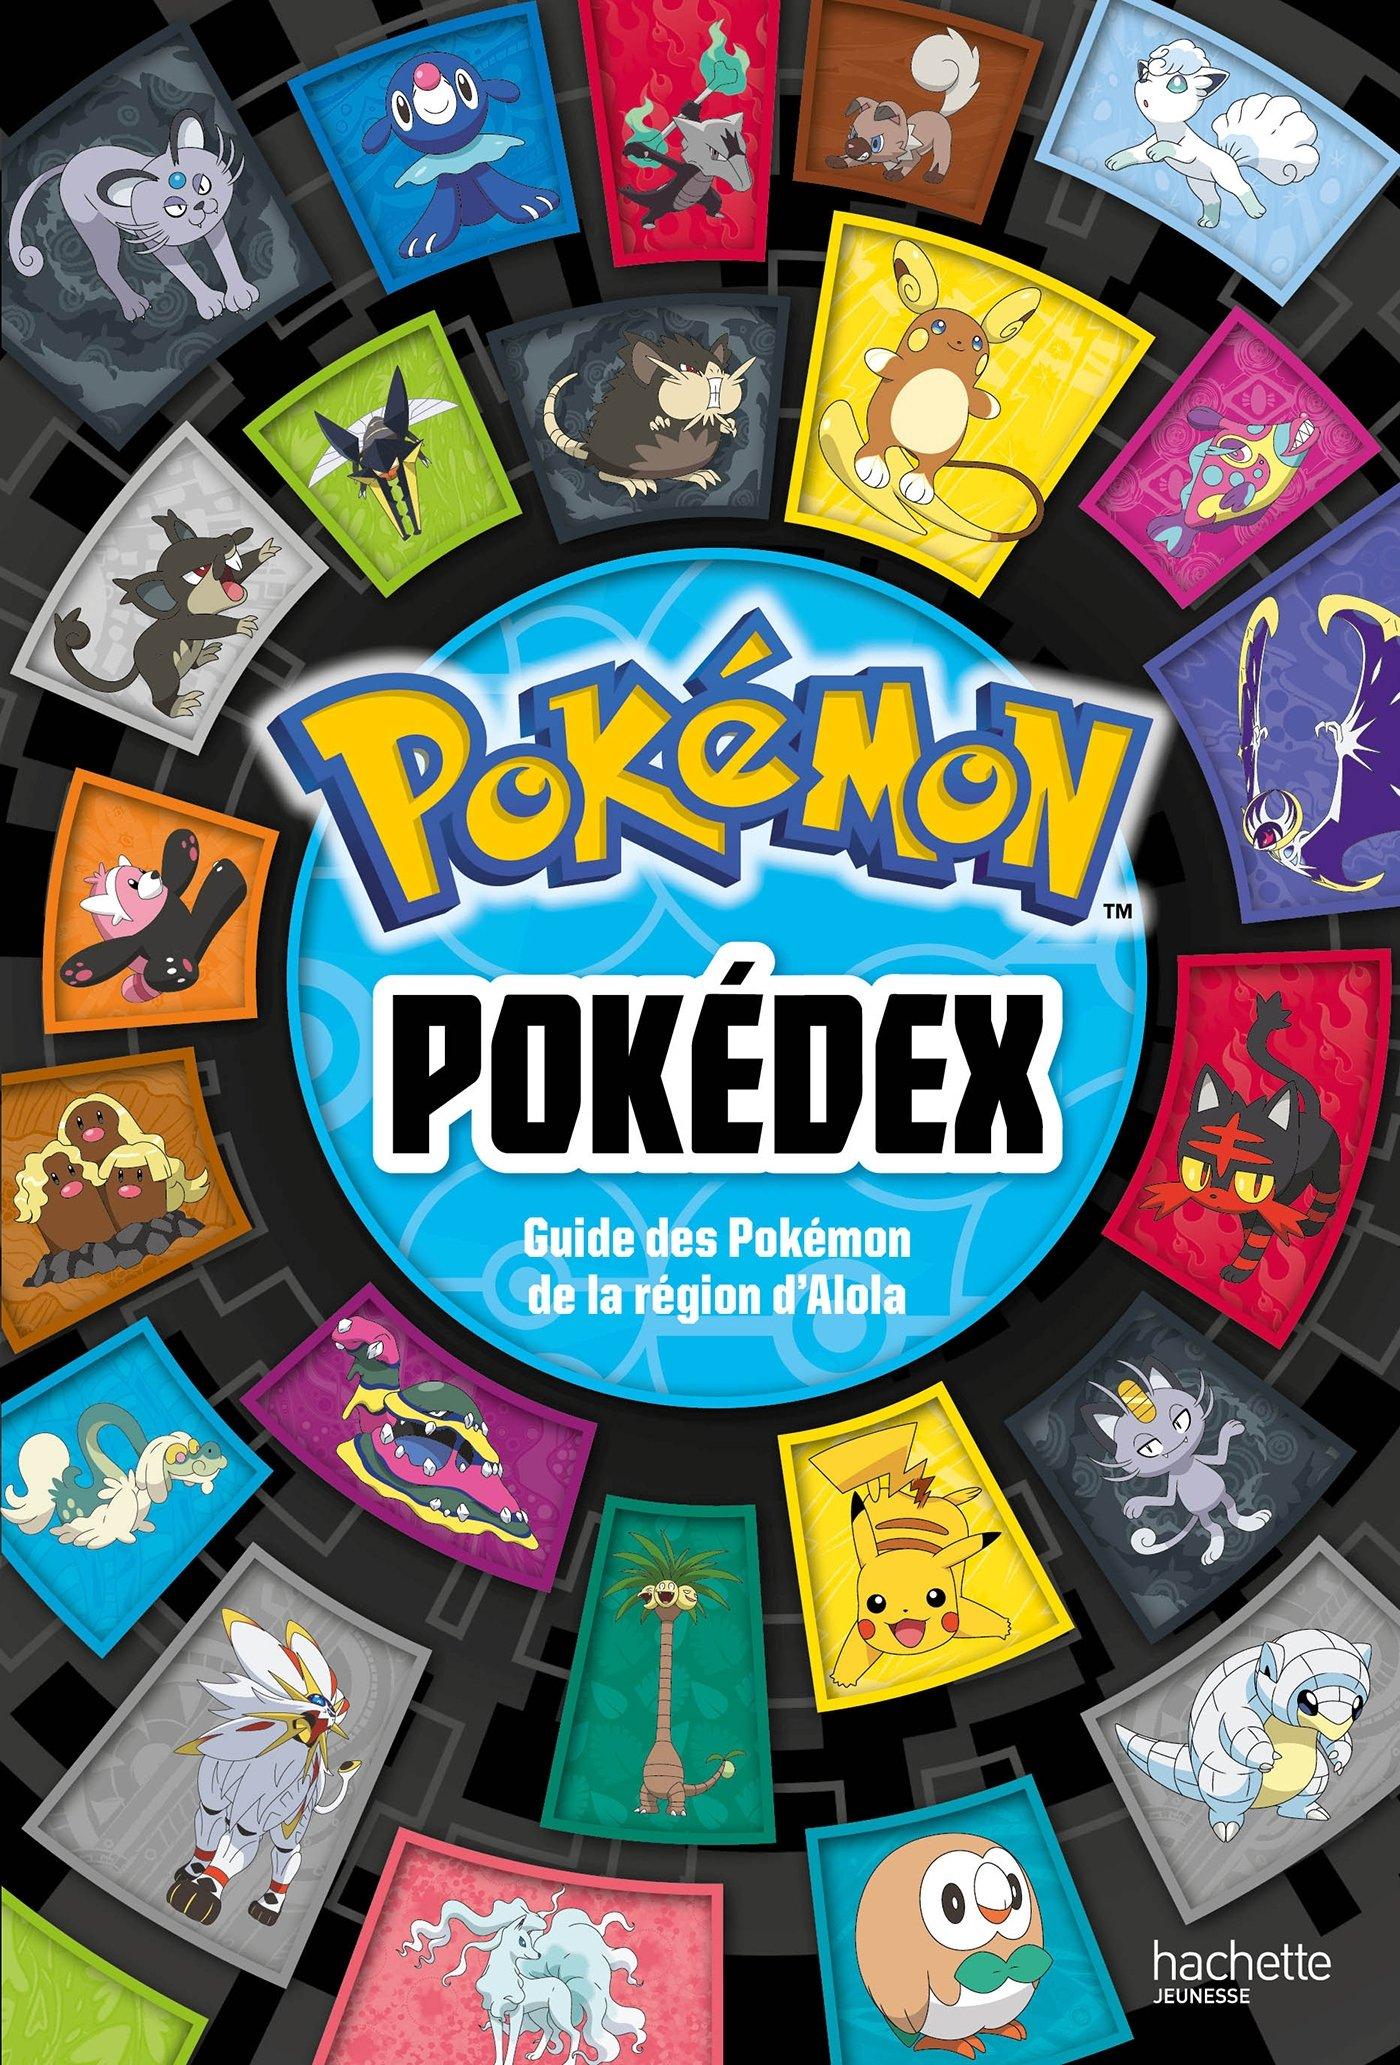 ff4c5c1d13202 Amazon.fr - Pokémon - Pokédex d'Alola - Hachette Jeunesse - Livres